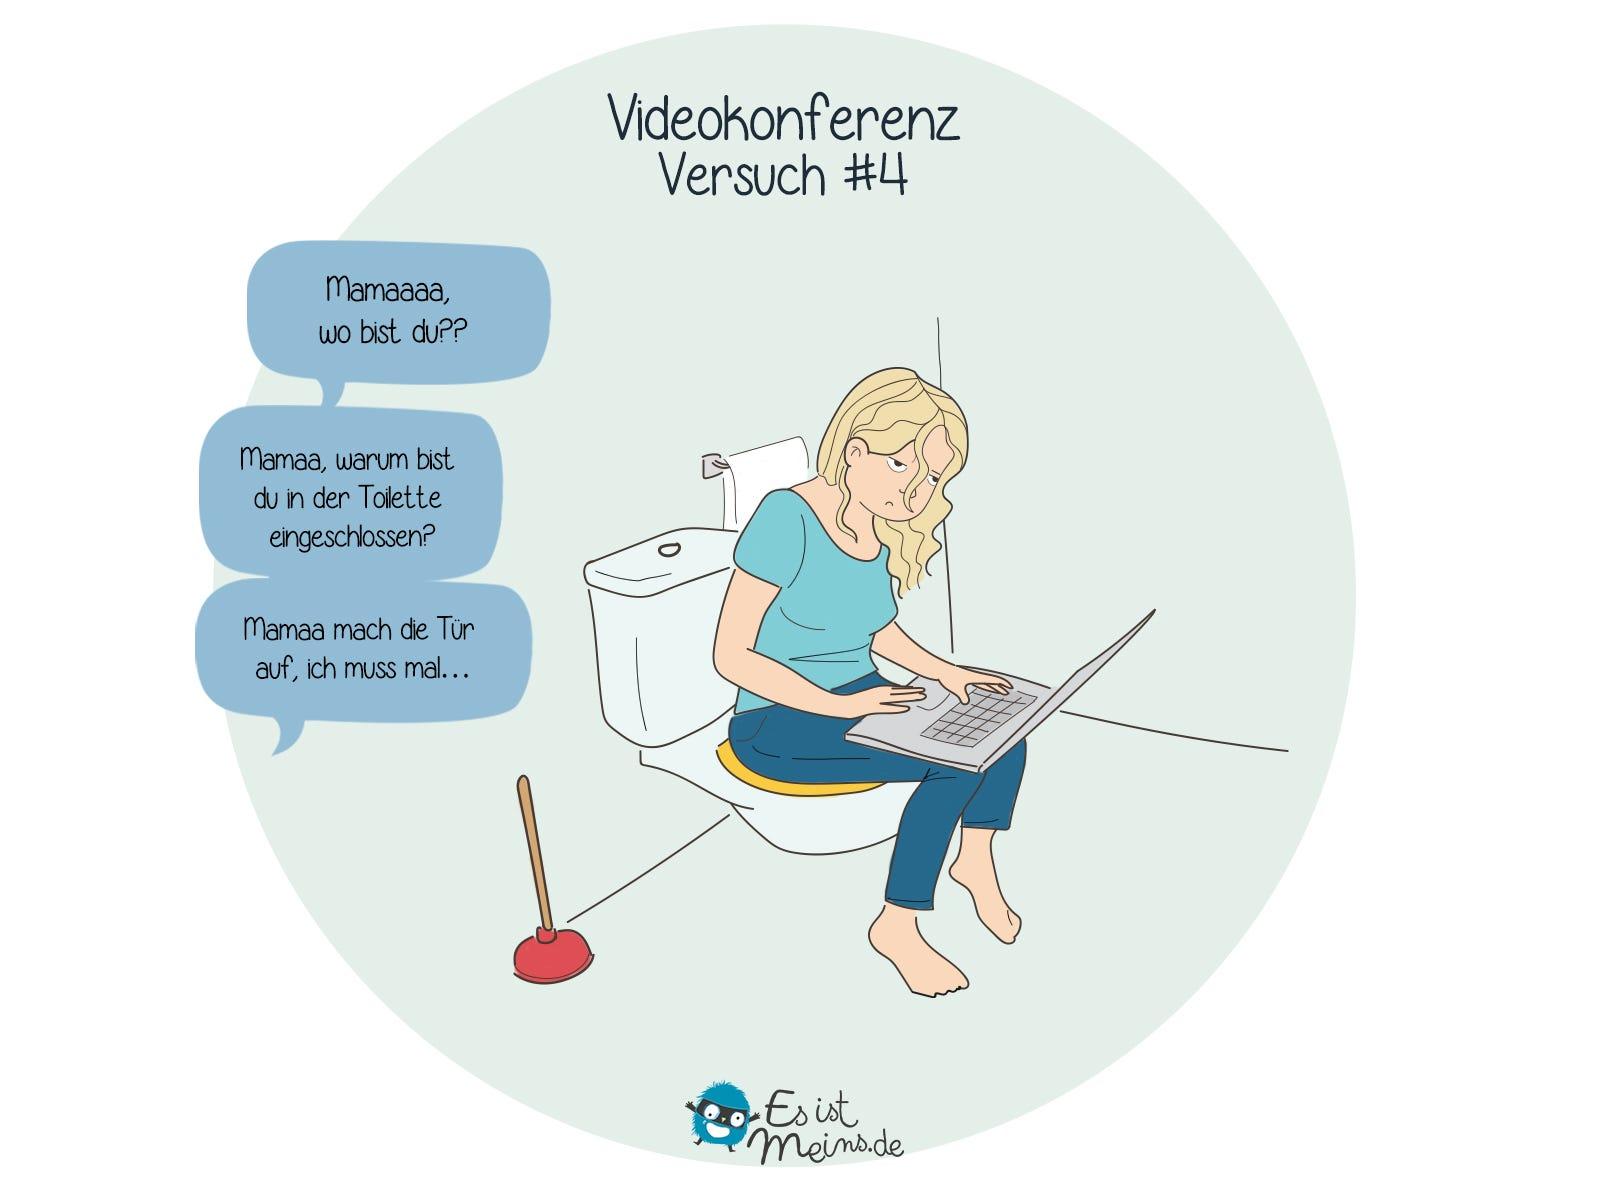 Videokonferenz mit Kindern, das Ziel ist Ruhe. Fortsetzung und Ende aus dem Badezimmer!